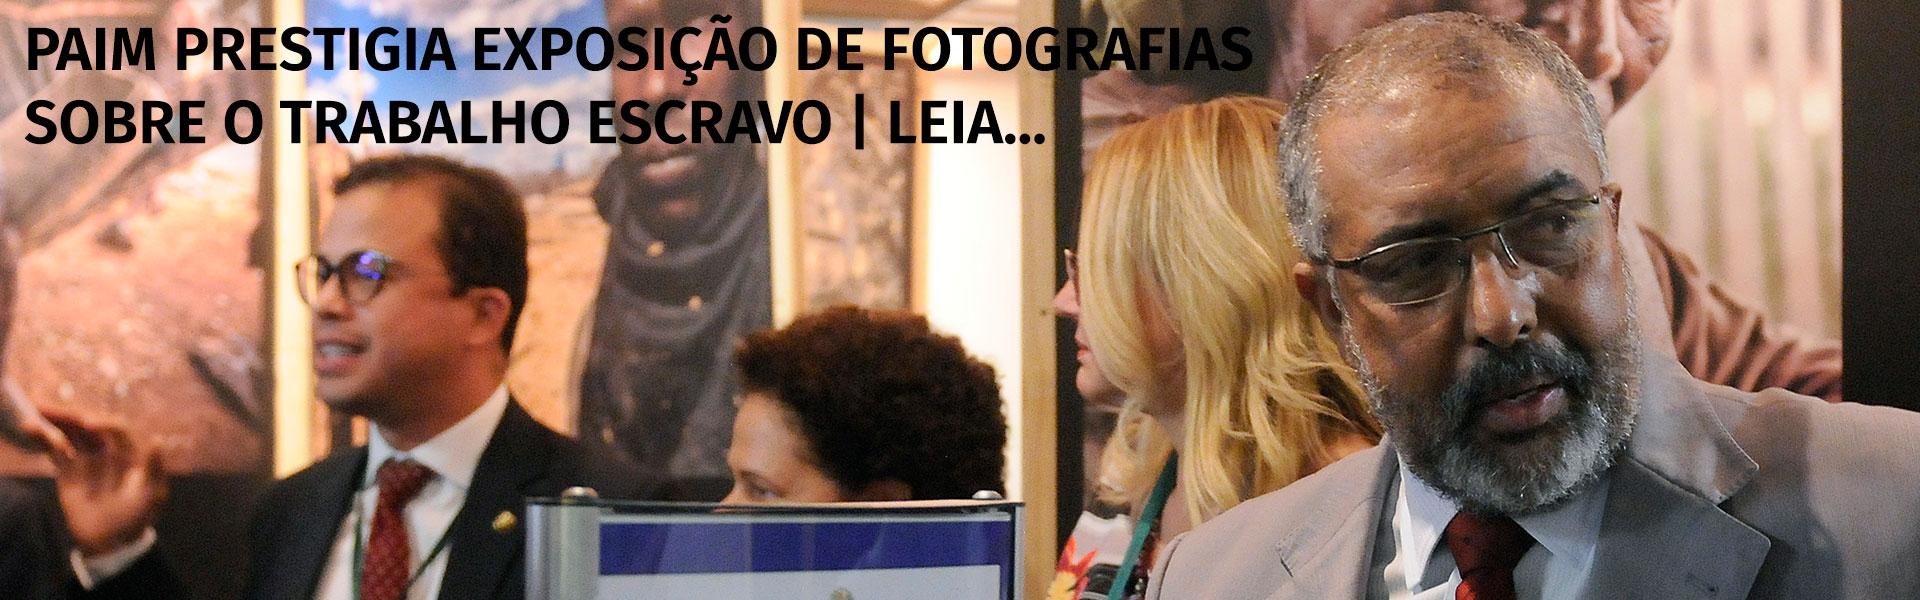 exposição de fotografias